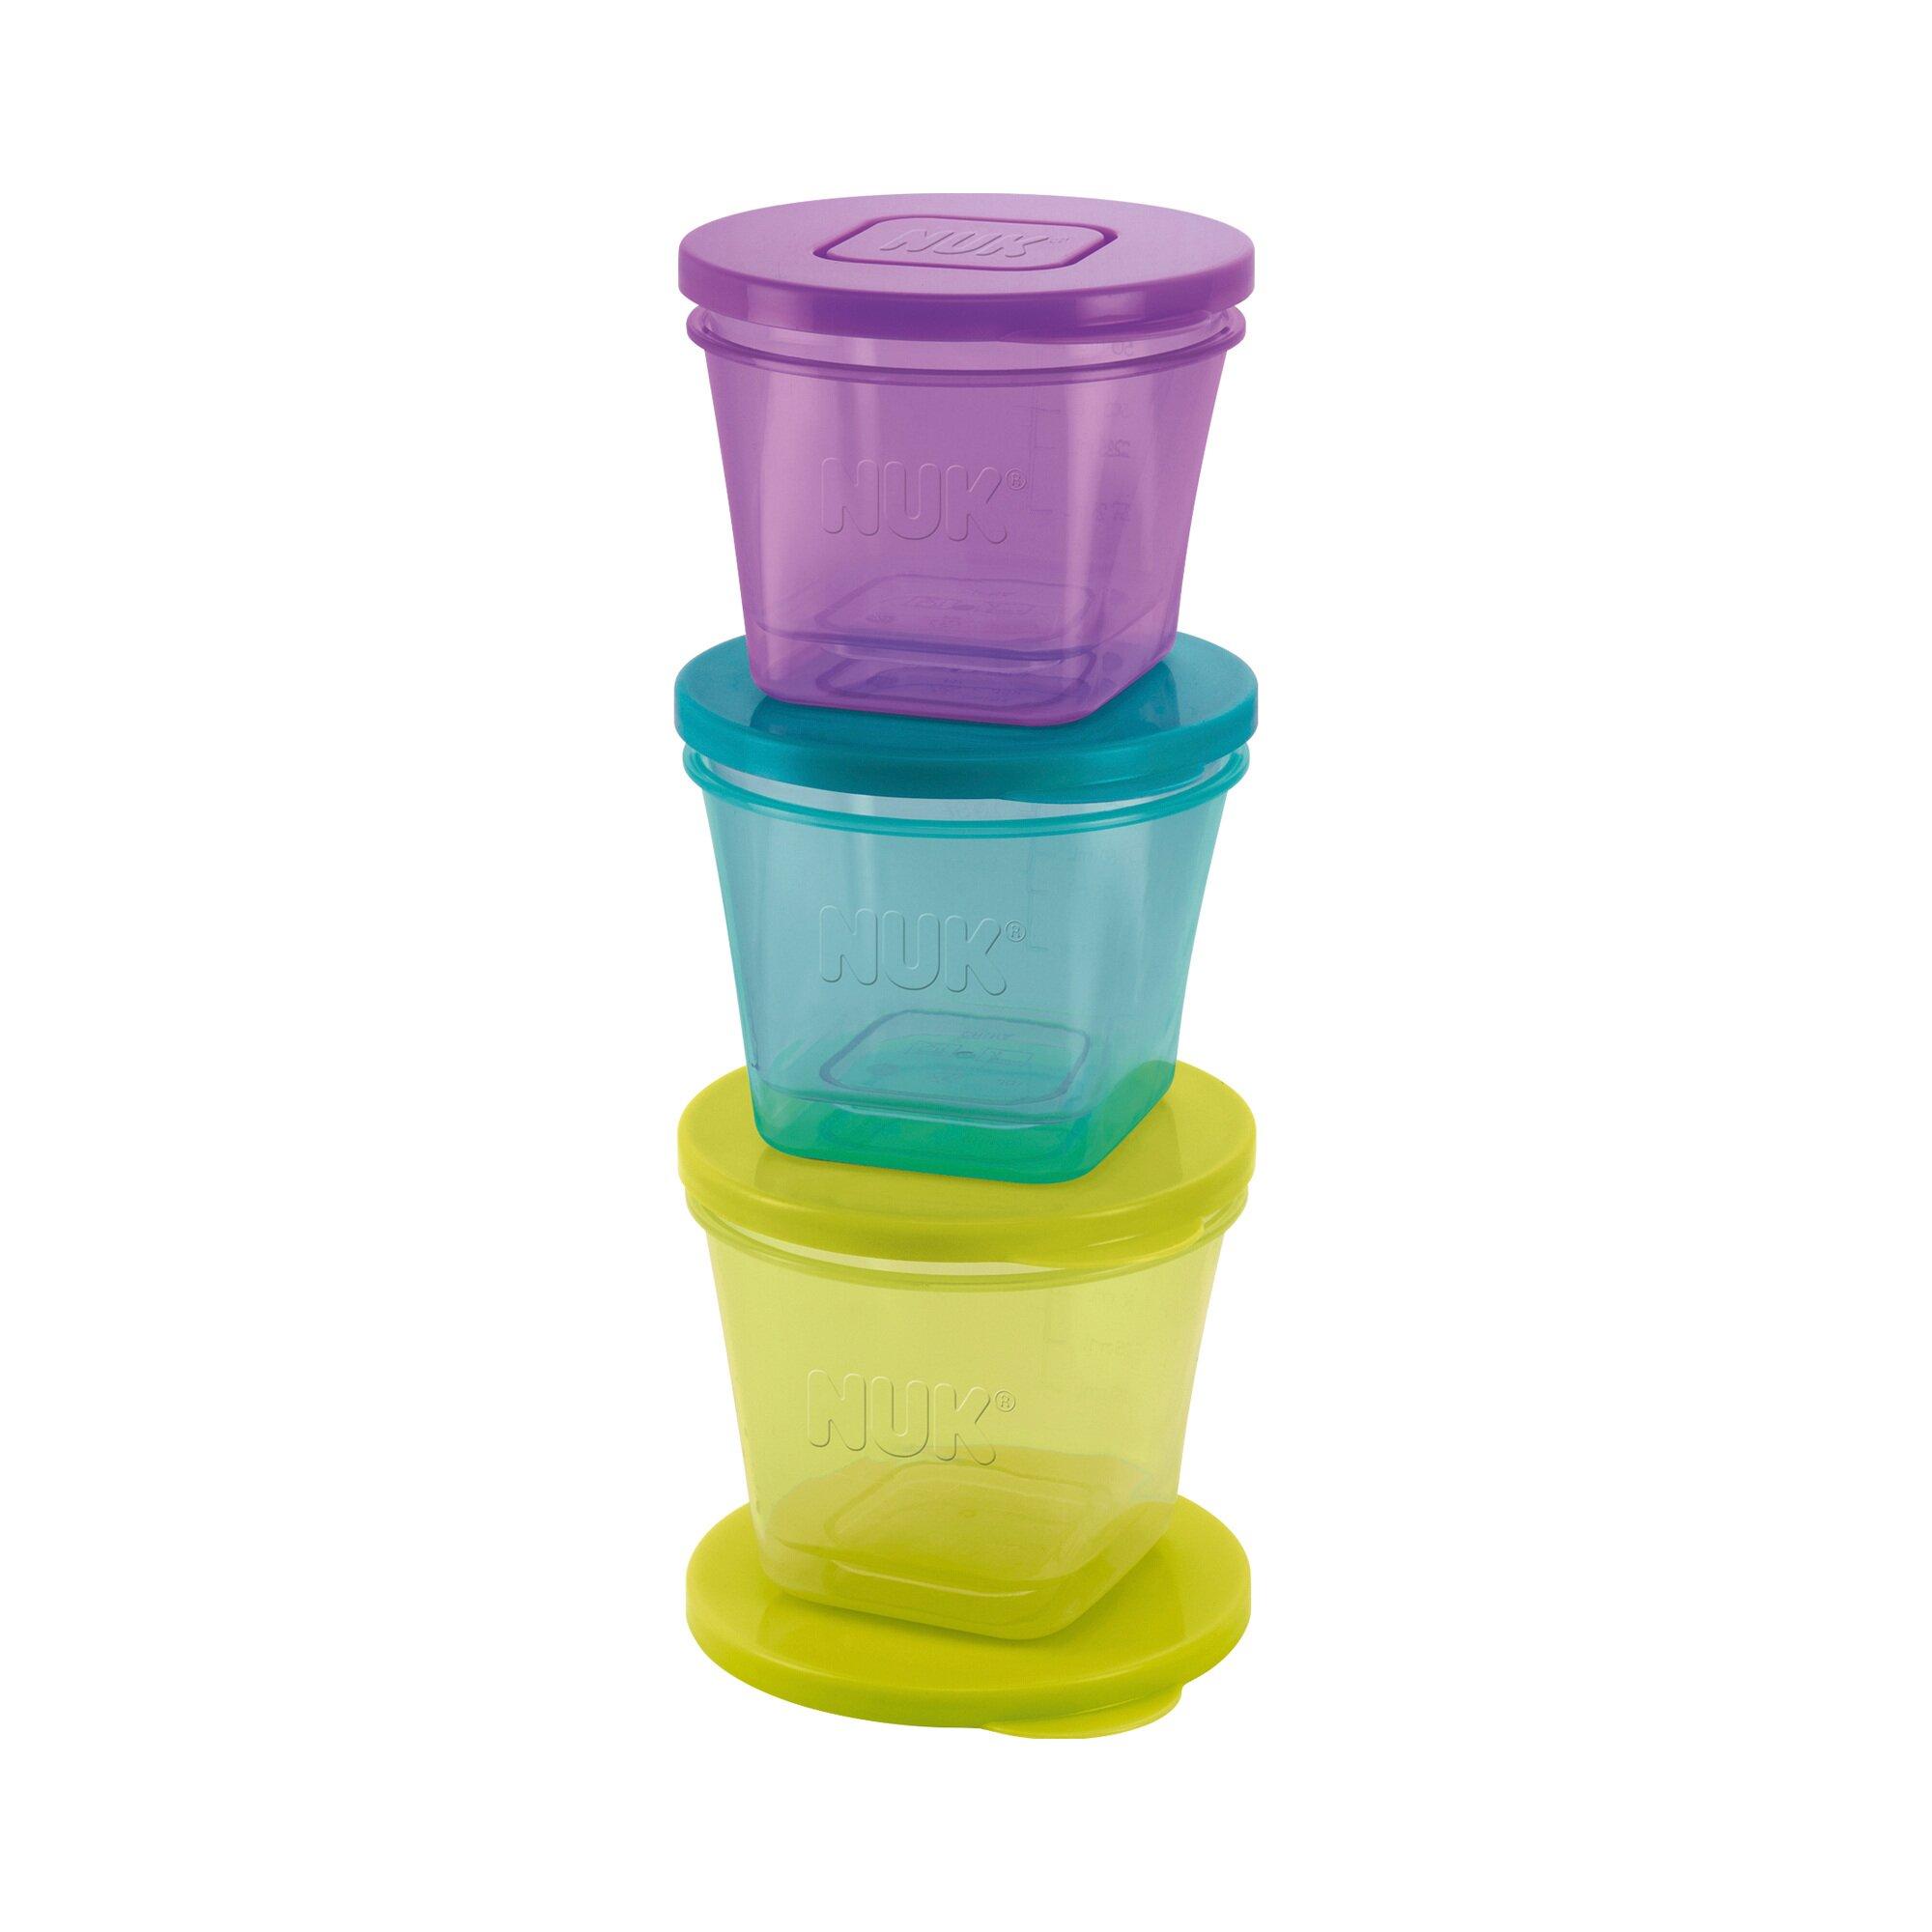 Nuk 6tlg. Behälter-Set für Babynahrung Fresh Foods 65-85ml mit Gefrierfunktion, mikrowellengeeignet